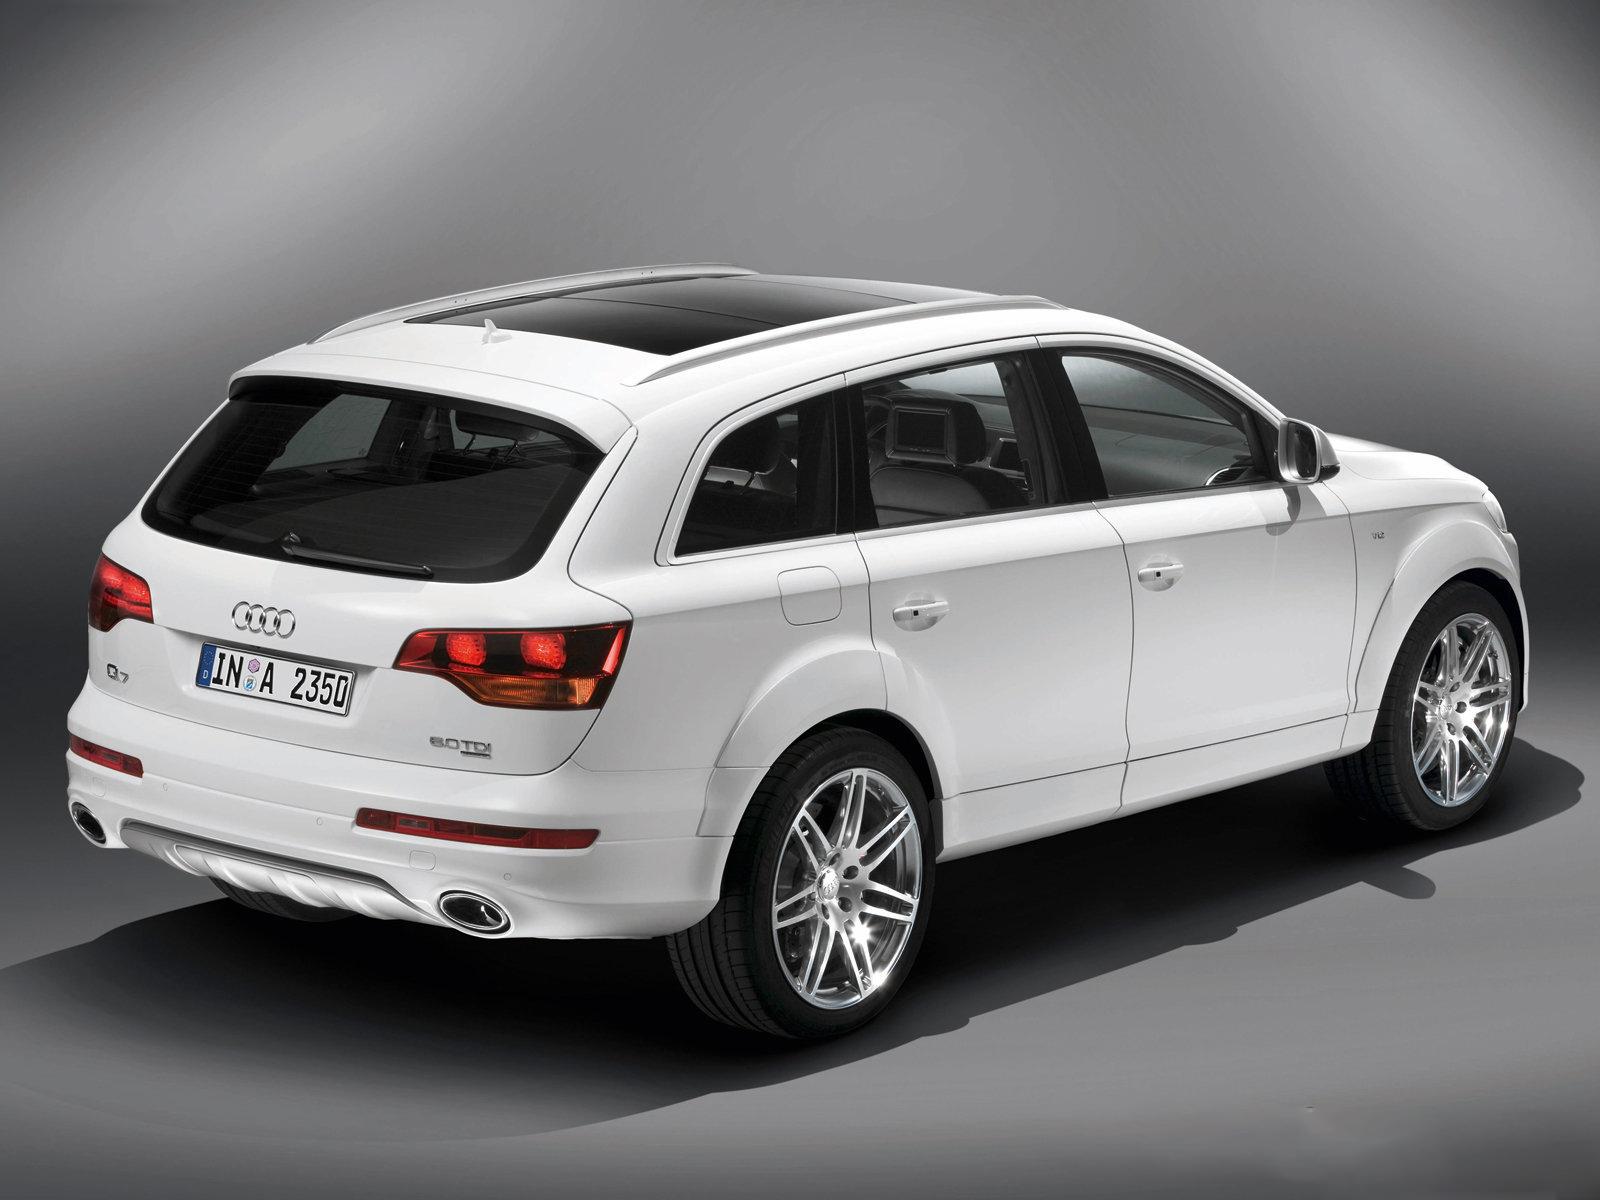 Audi Q7 V12 TDI, información y galería de imágenes